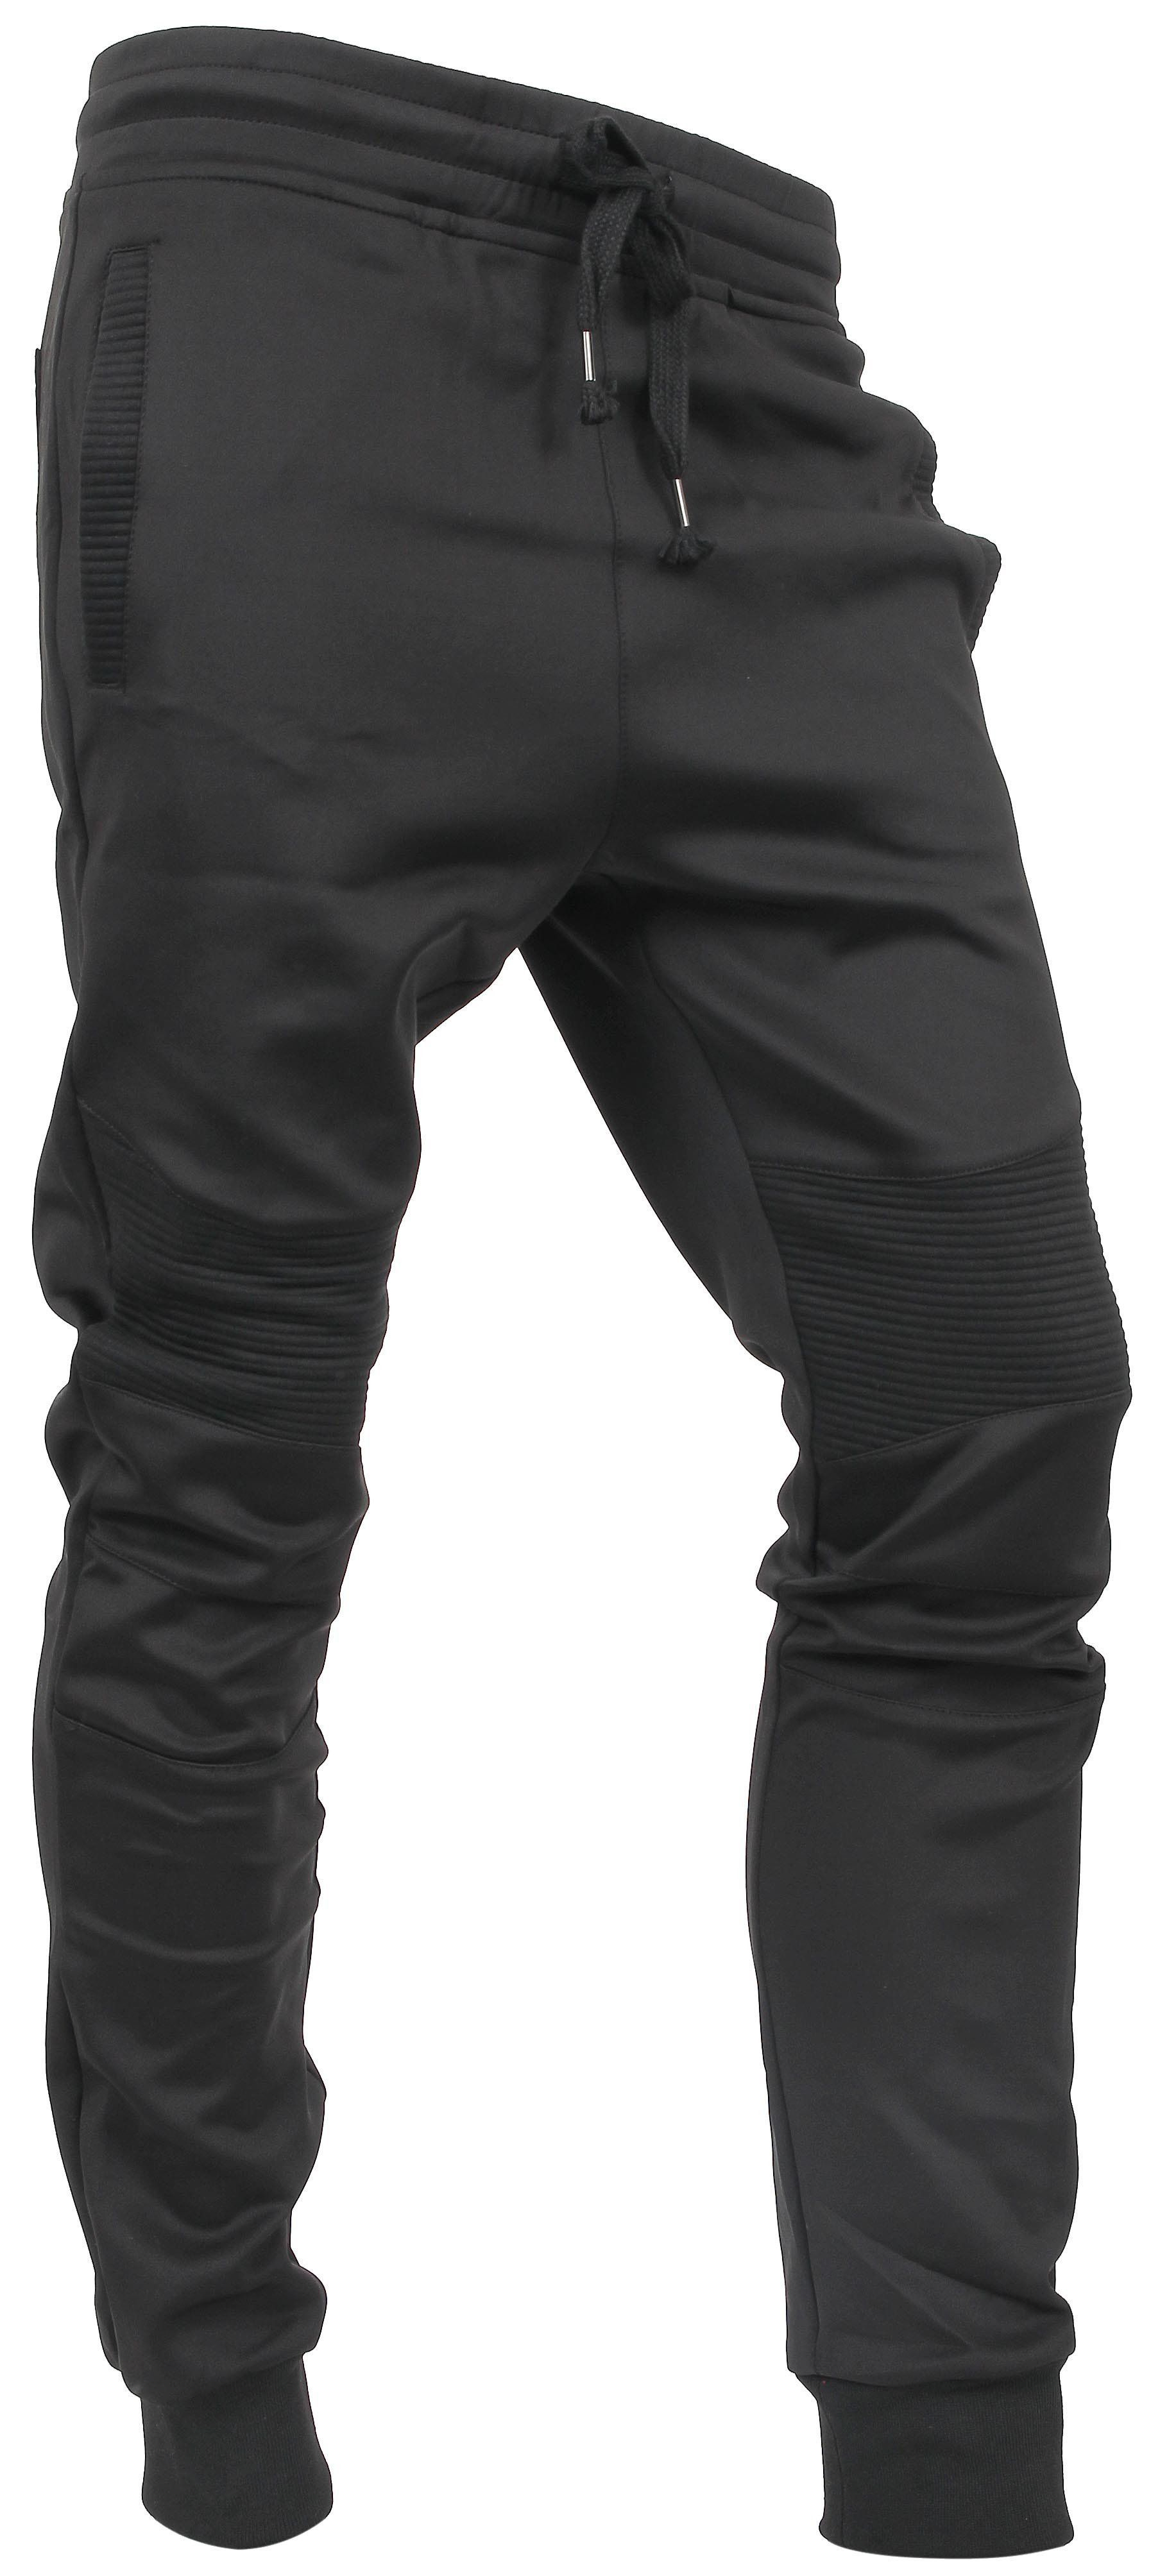 9 Ideas De Pantalones Jogger Pantalones De Hombre Pantalon Jogger Ropa De Hombre